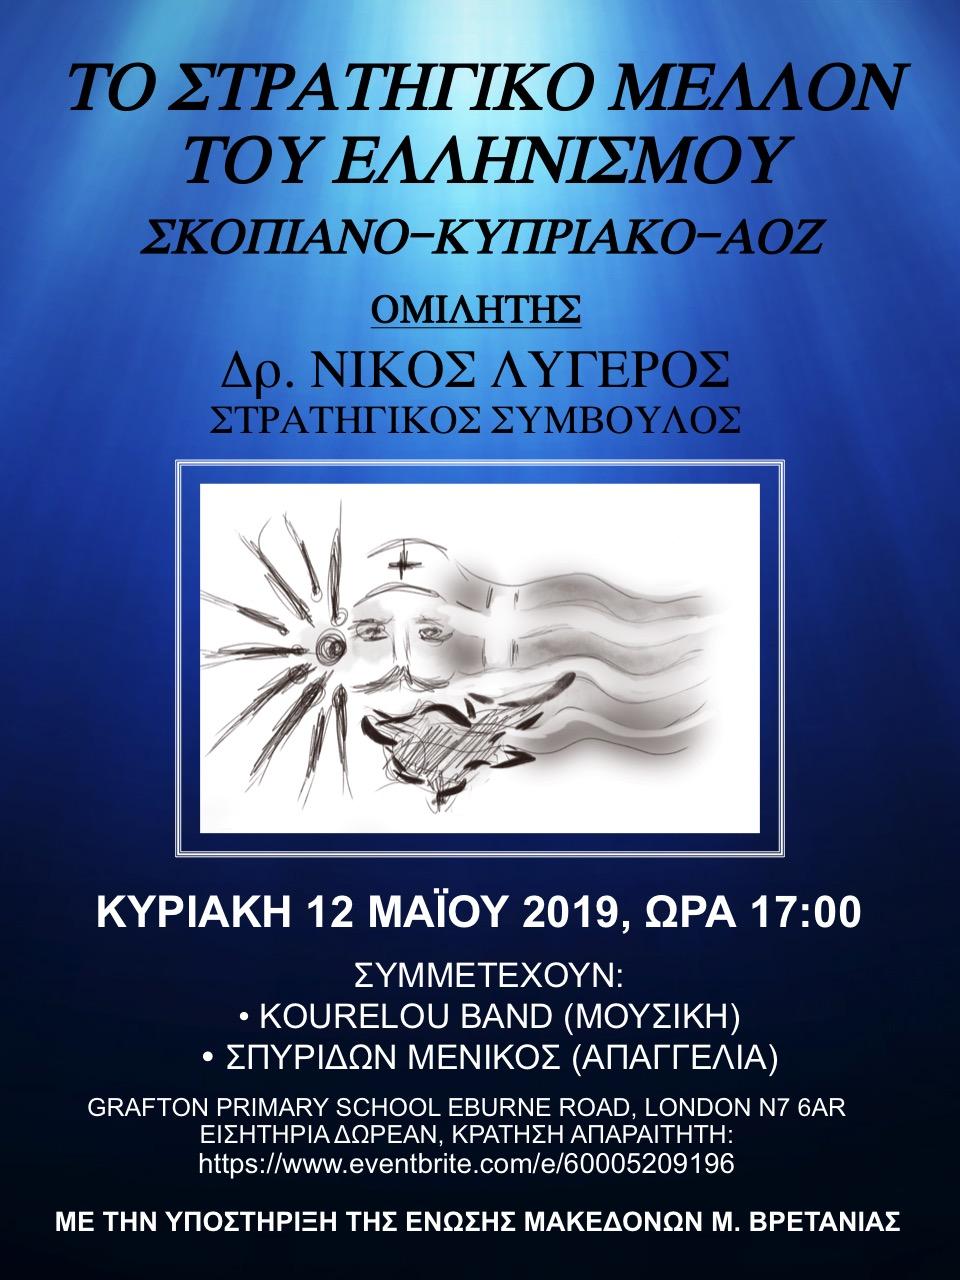 Το στρατηγικό μέλλον του Ελληνισμού. Σκοπιανό - Κυπριακό - ΑΟΖ